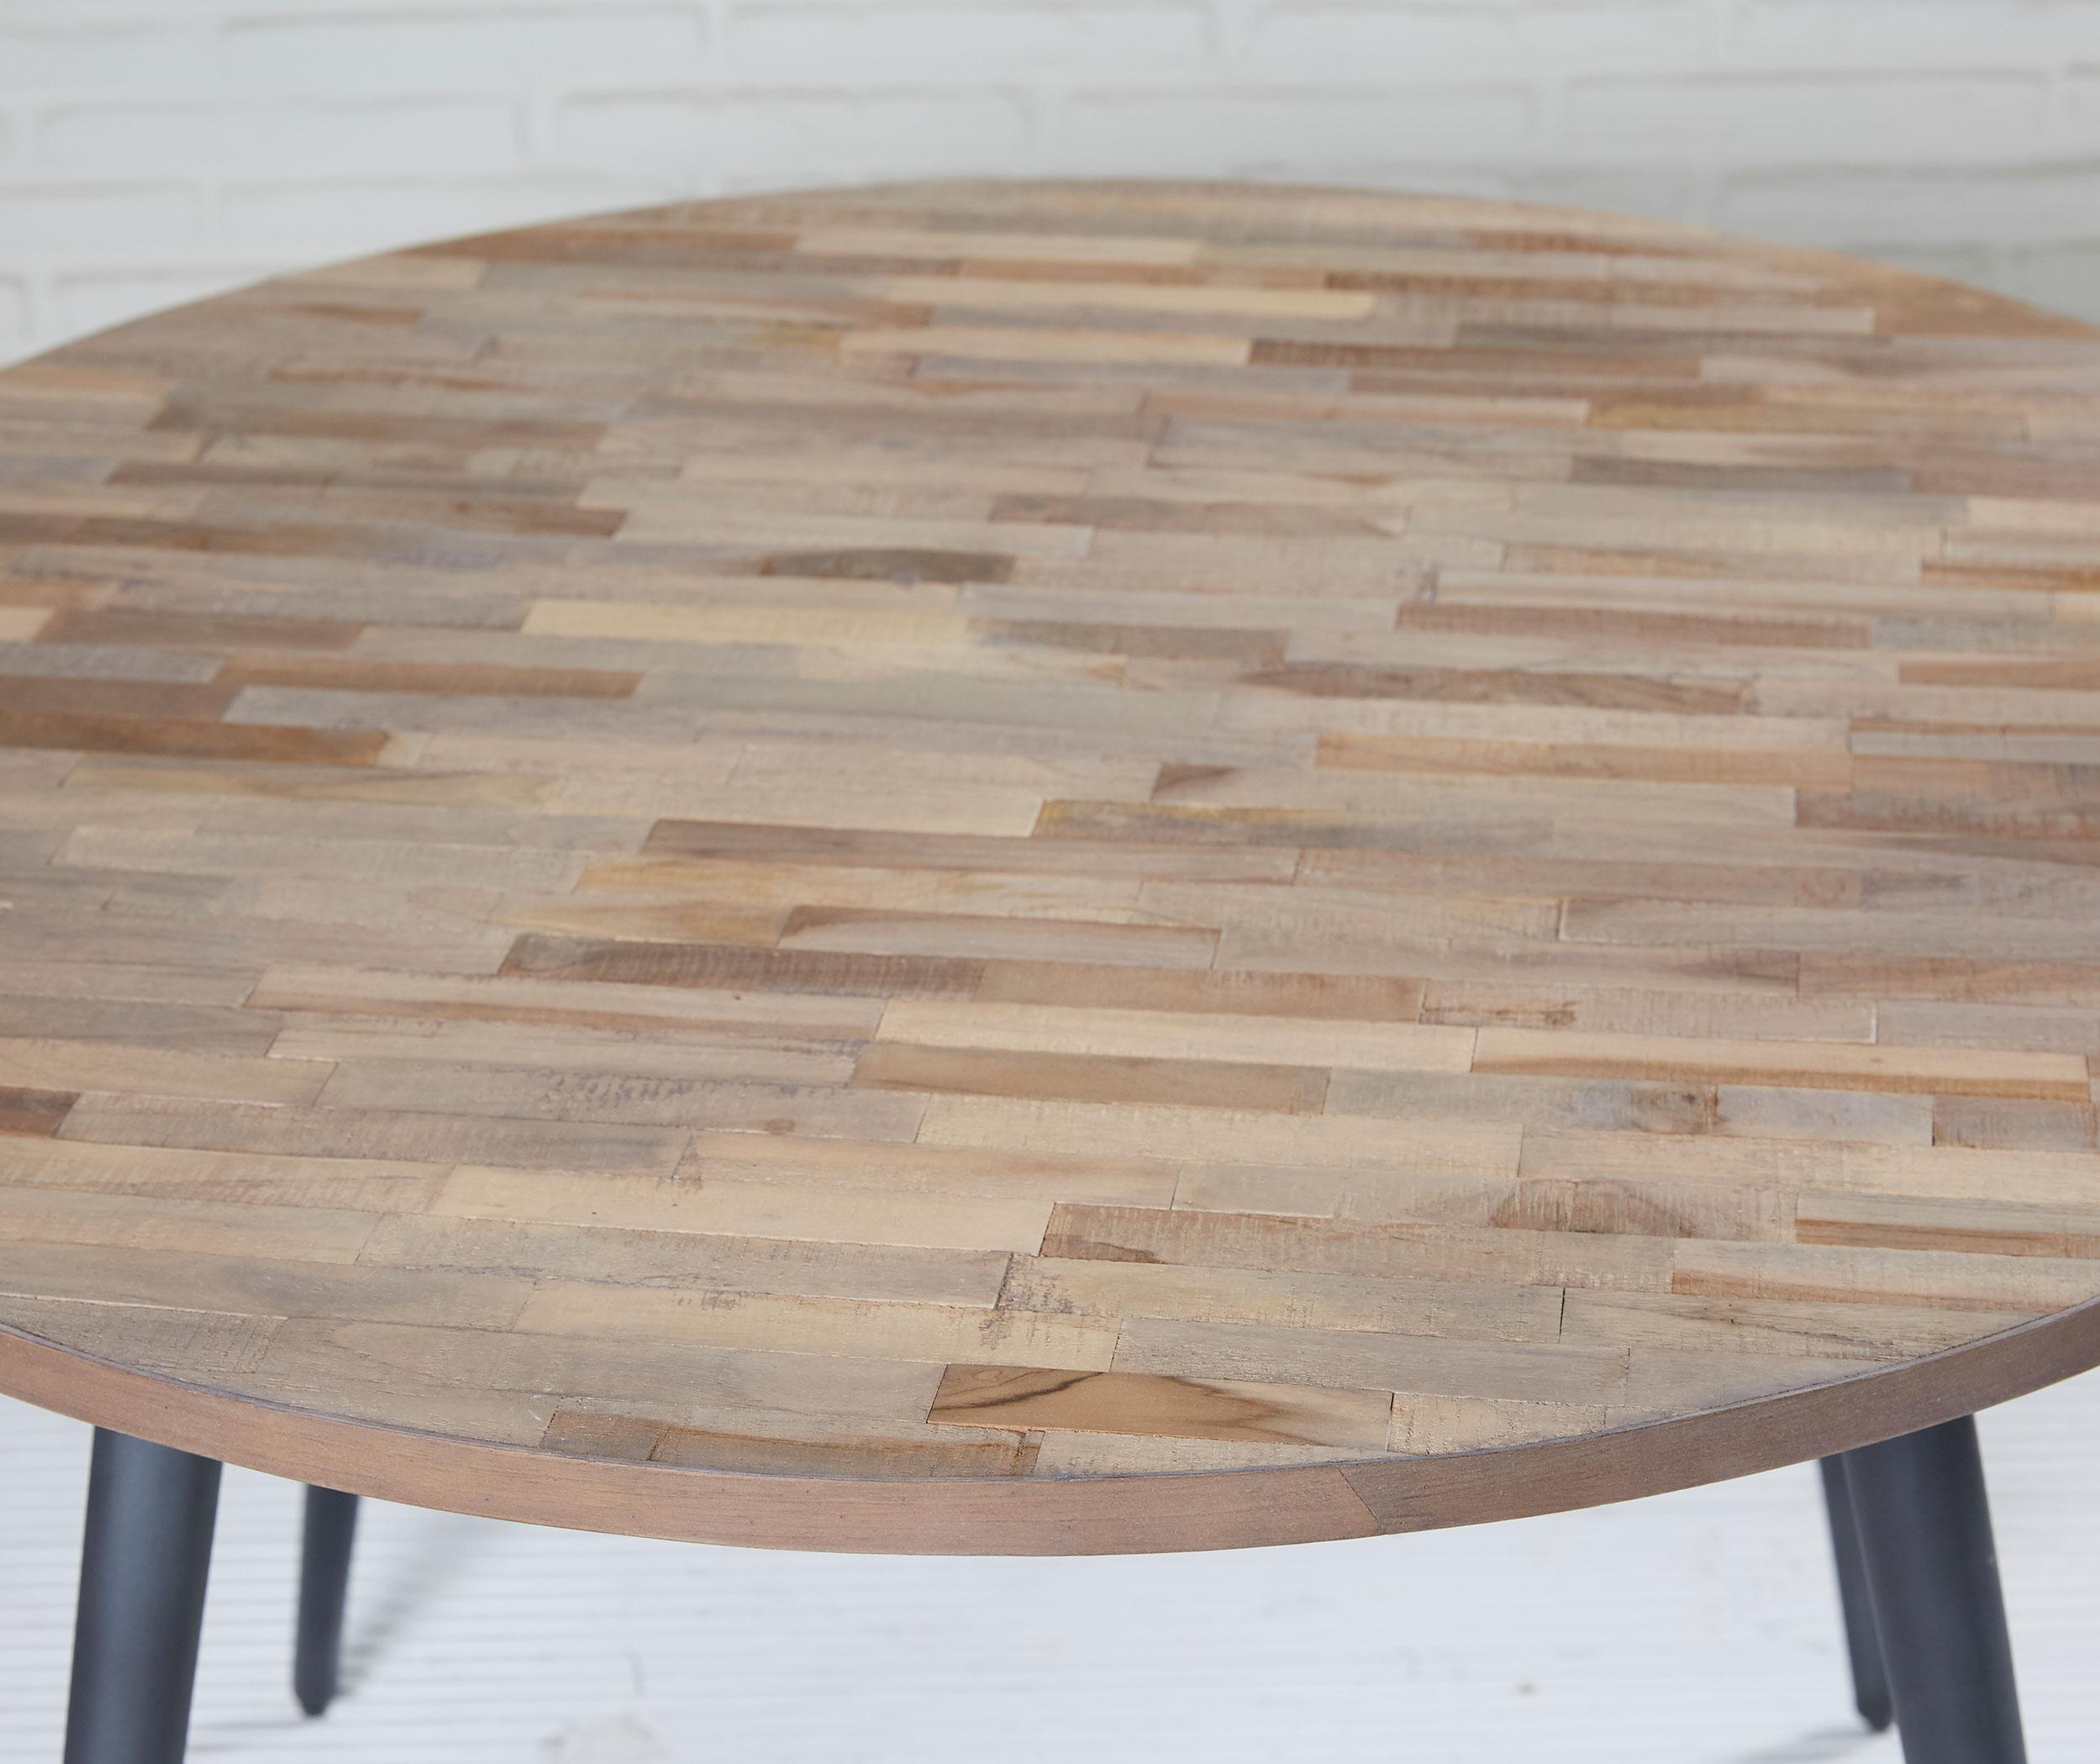 esstisch rund recycling teak grau 110x76 cm holz metall tisch esszimmertisch ebay. Black Bedroom Furniture Sets. Home Design Ideas